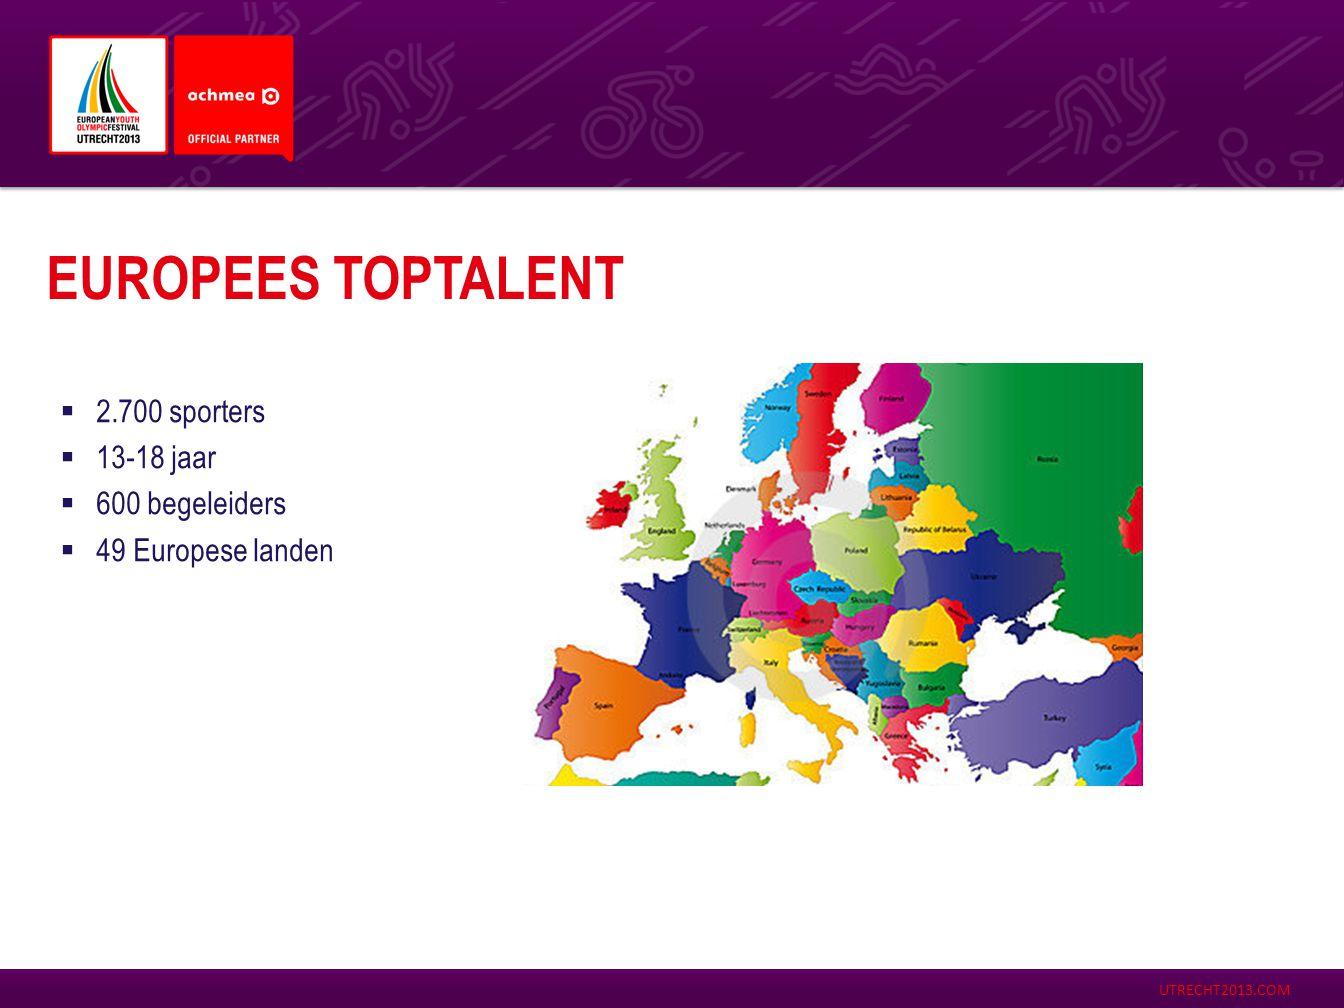 Europees toptalent 2.700 sporters 13-18 jaar 600 begeleiders